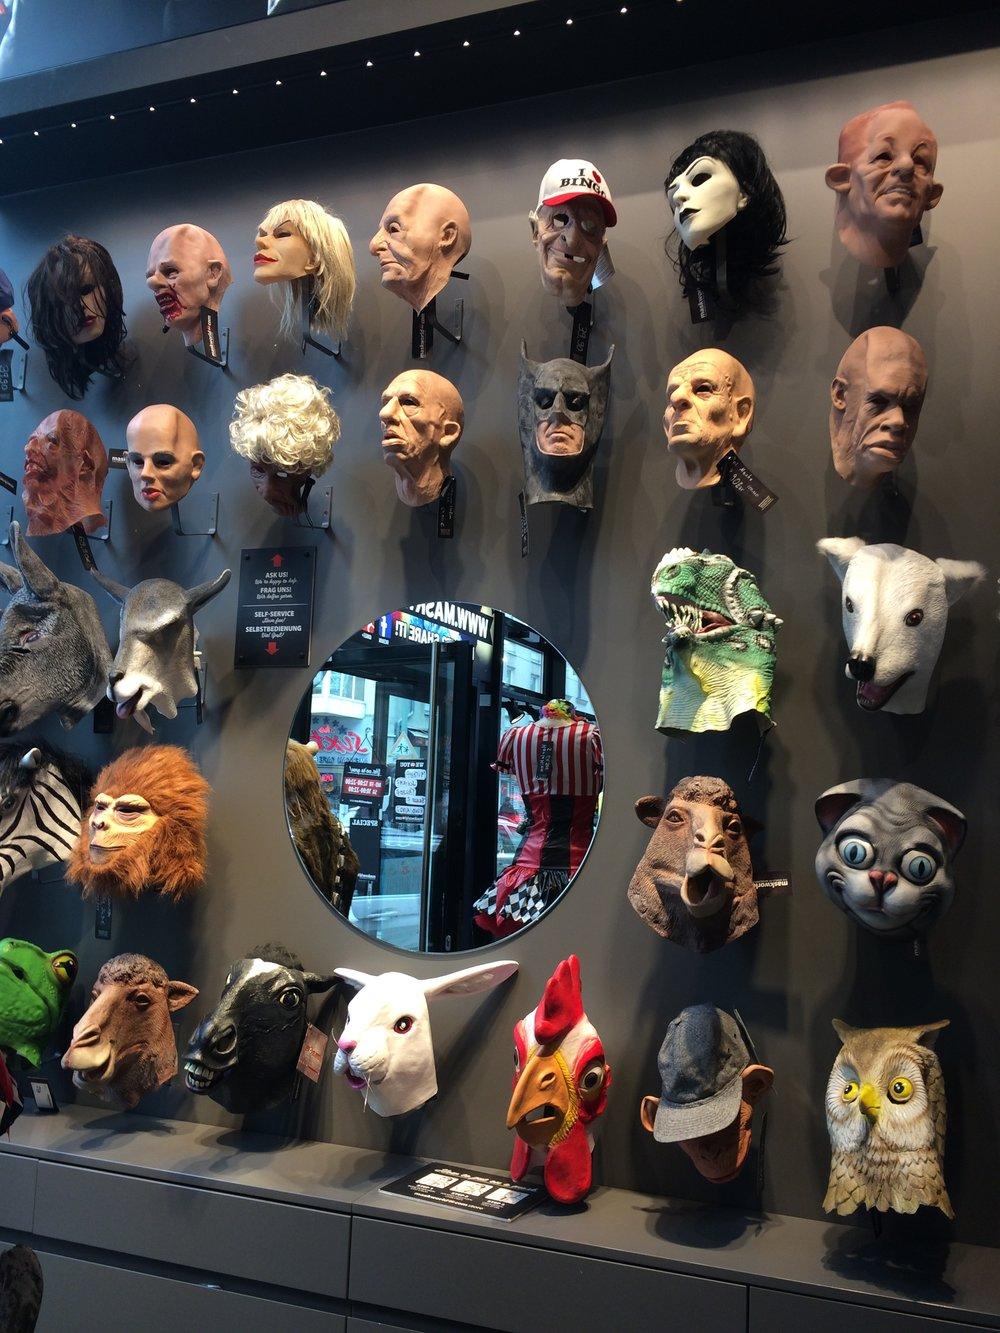 Loja de máscaras, não me lembro onde, mas era Berlim